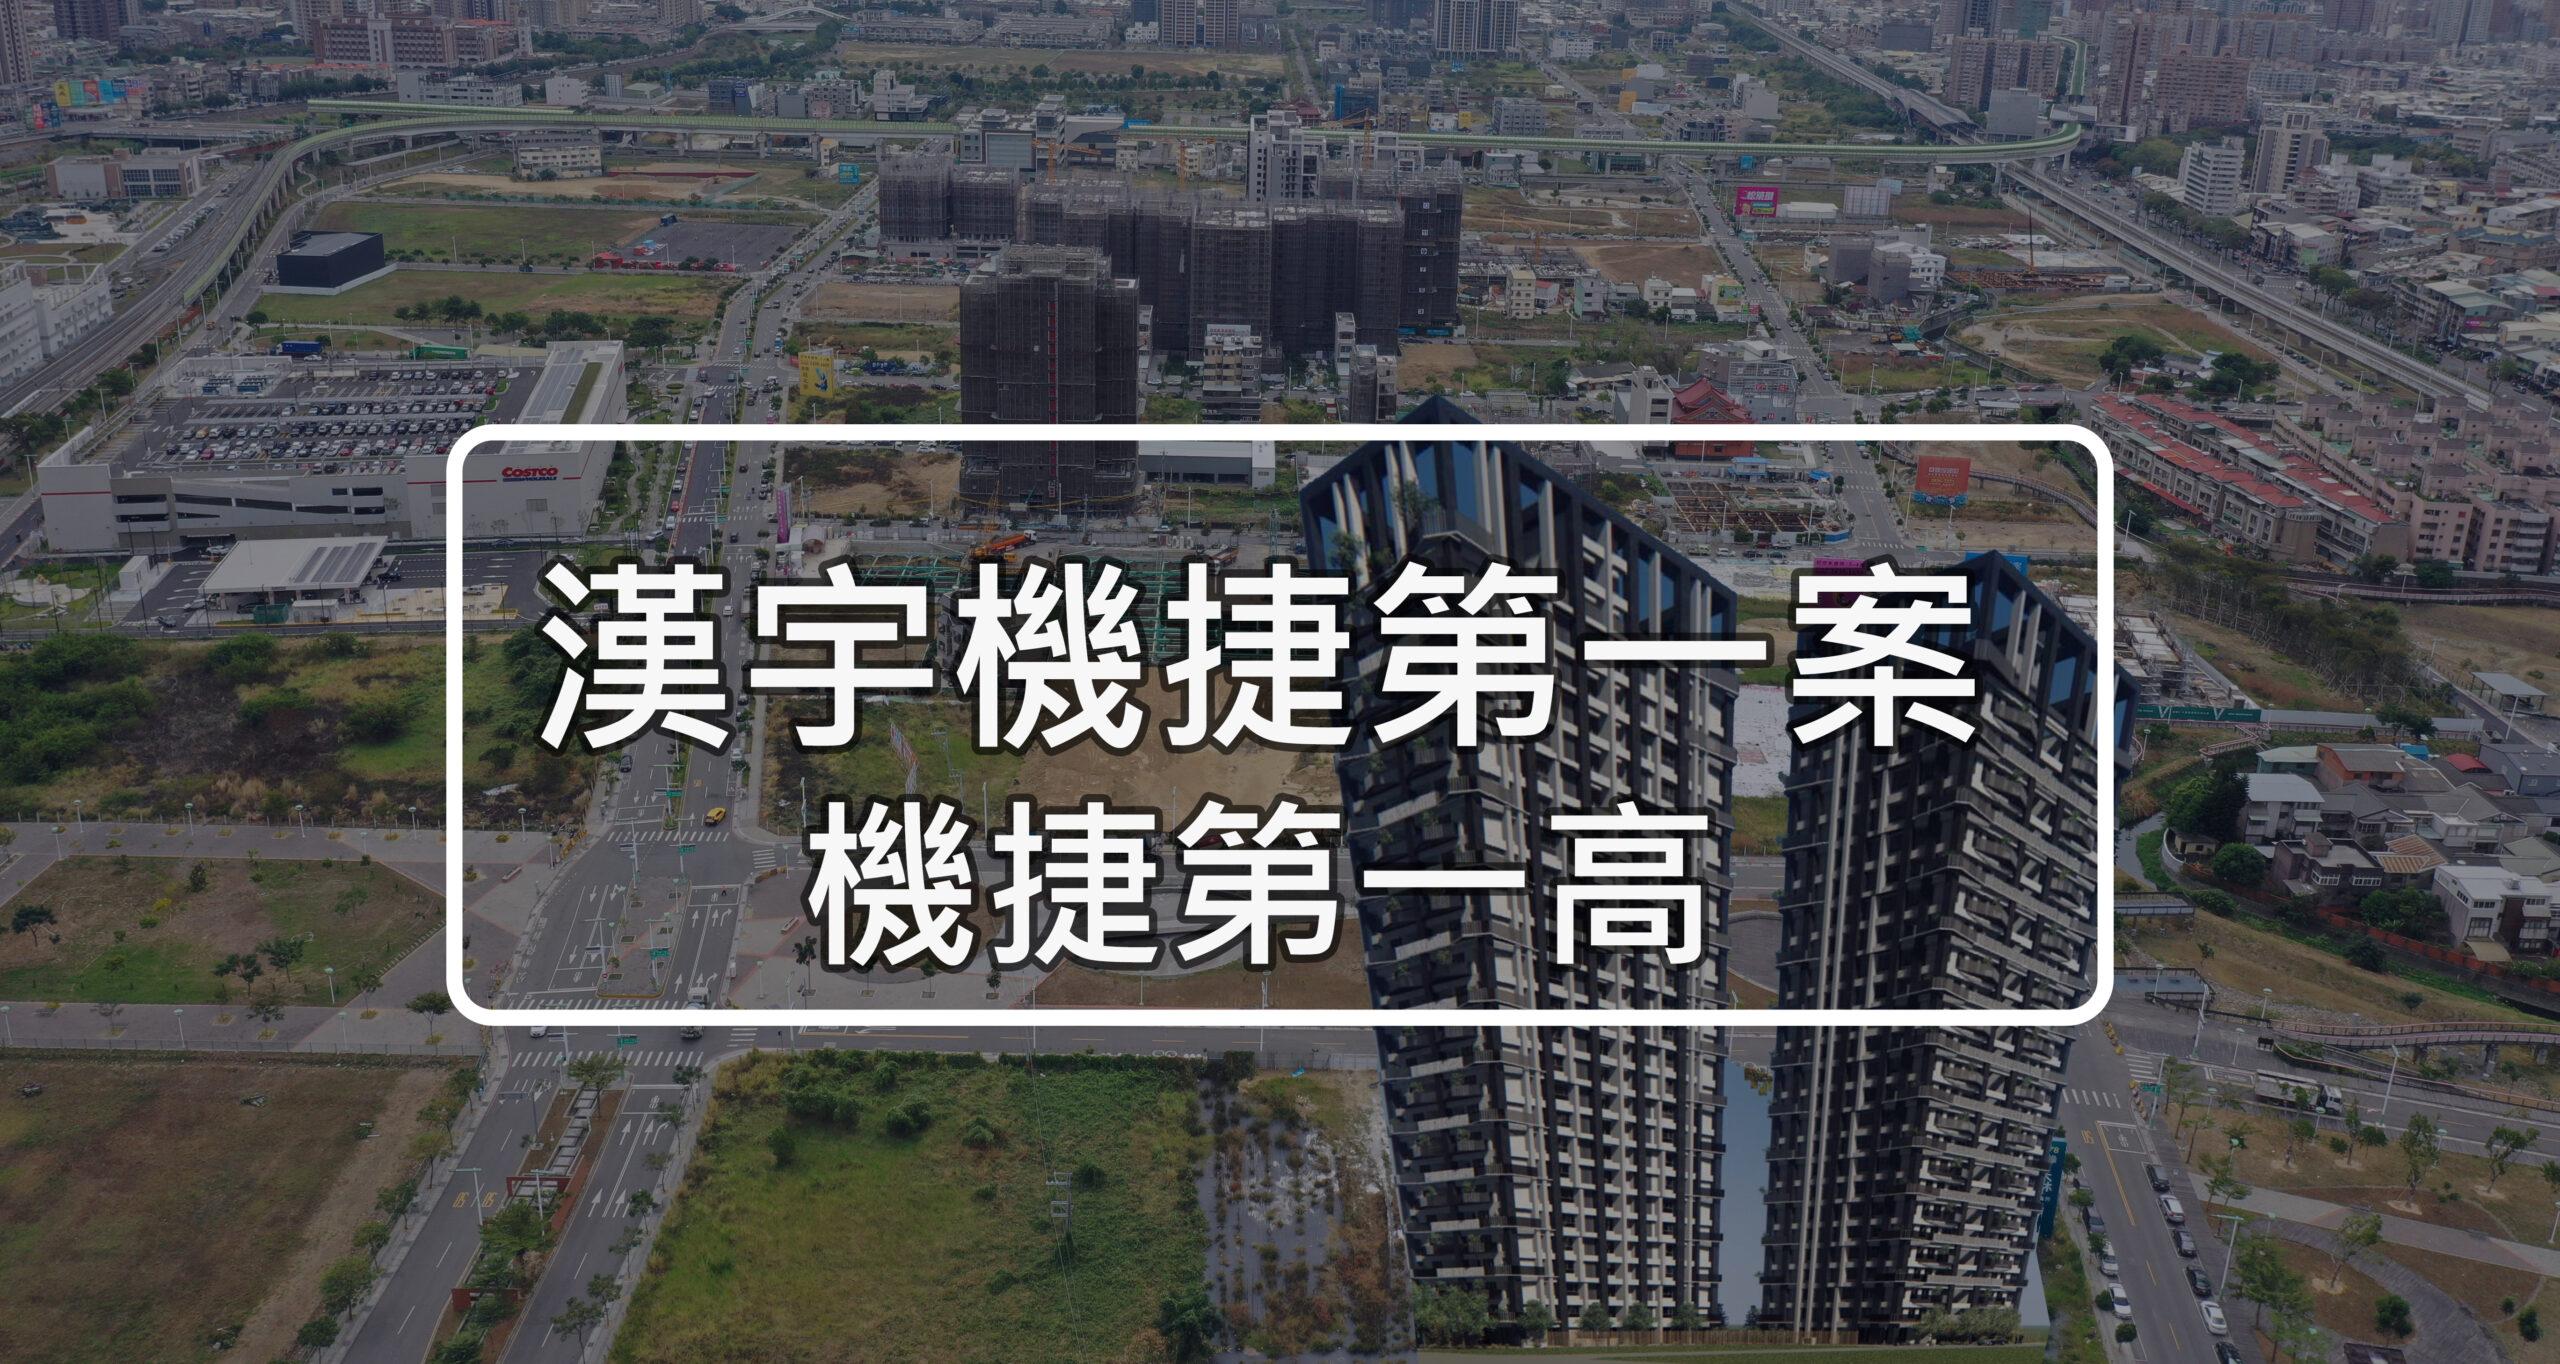 漢宇機捷第一案。機捷第一高樓。漢宇建設。3房、4房。2021年登場。台中買屋賣屋找安森。陳安森0979-616-027。